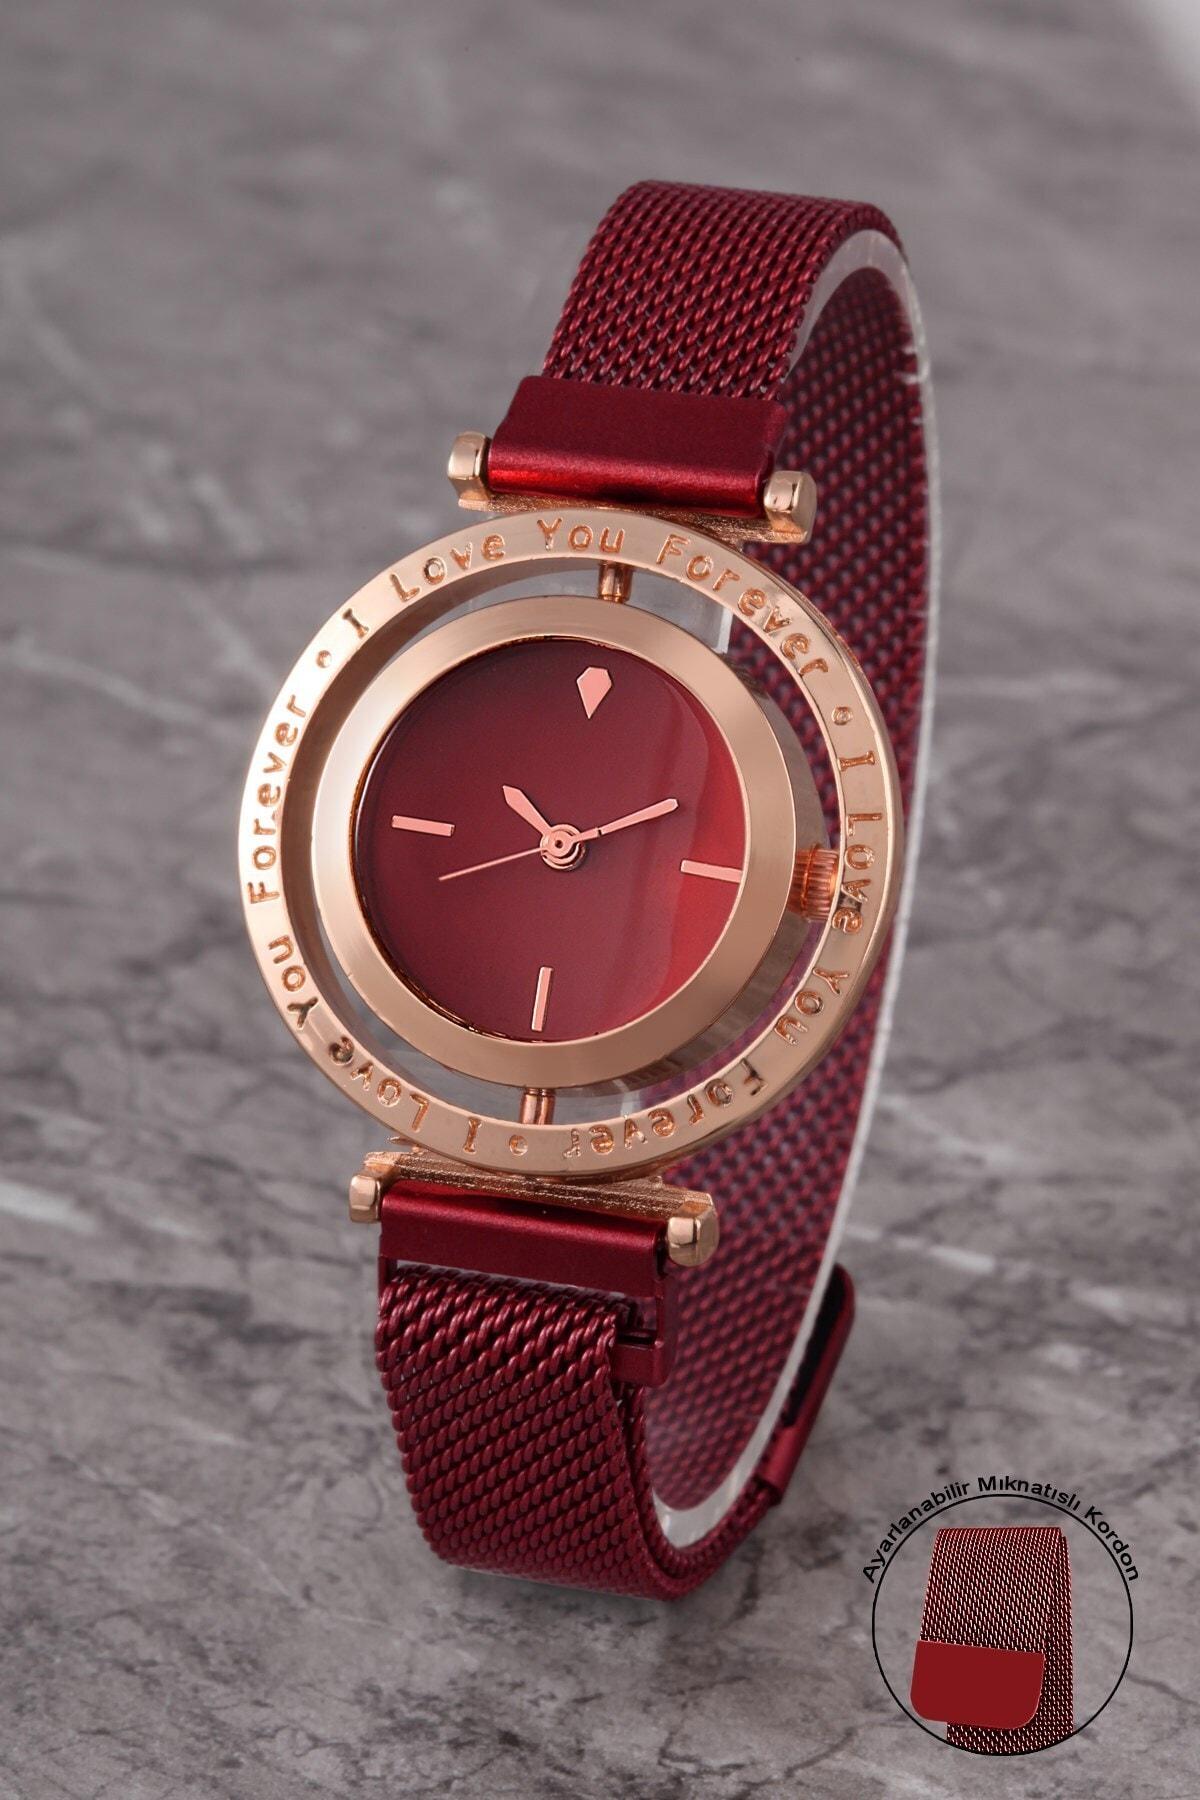 Polo55 Plkhm012r07 Kadın Saat Çizgili Döner Kadran Mıknatıslı Hasır Kordon 1